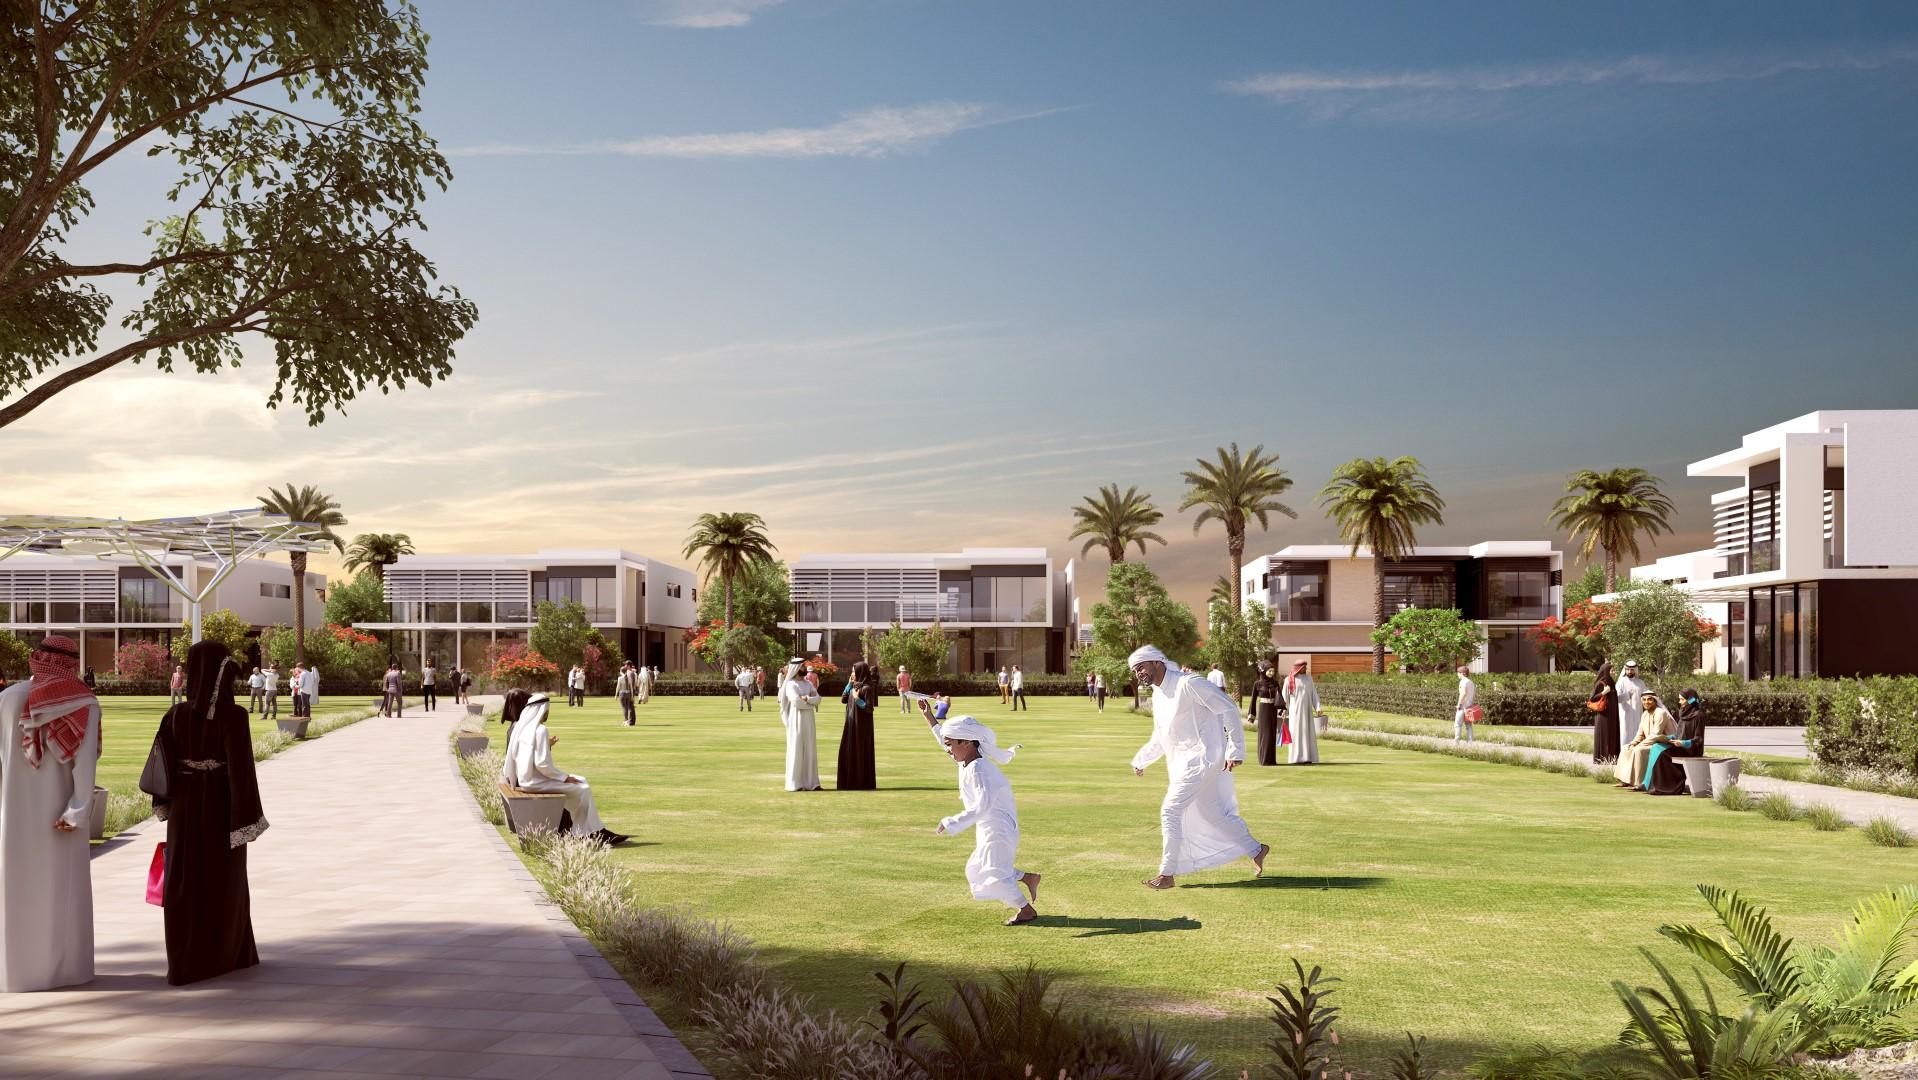 إرساء أعمال البنية التحتية للمرحلة الأولى من مشروع جنوب مدينة الرياض بـ 1.53 مليار درهم